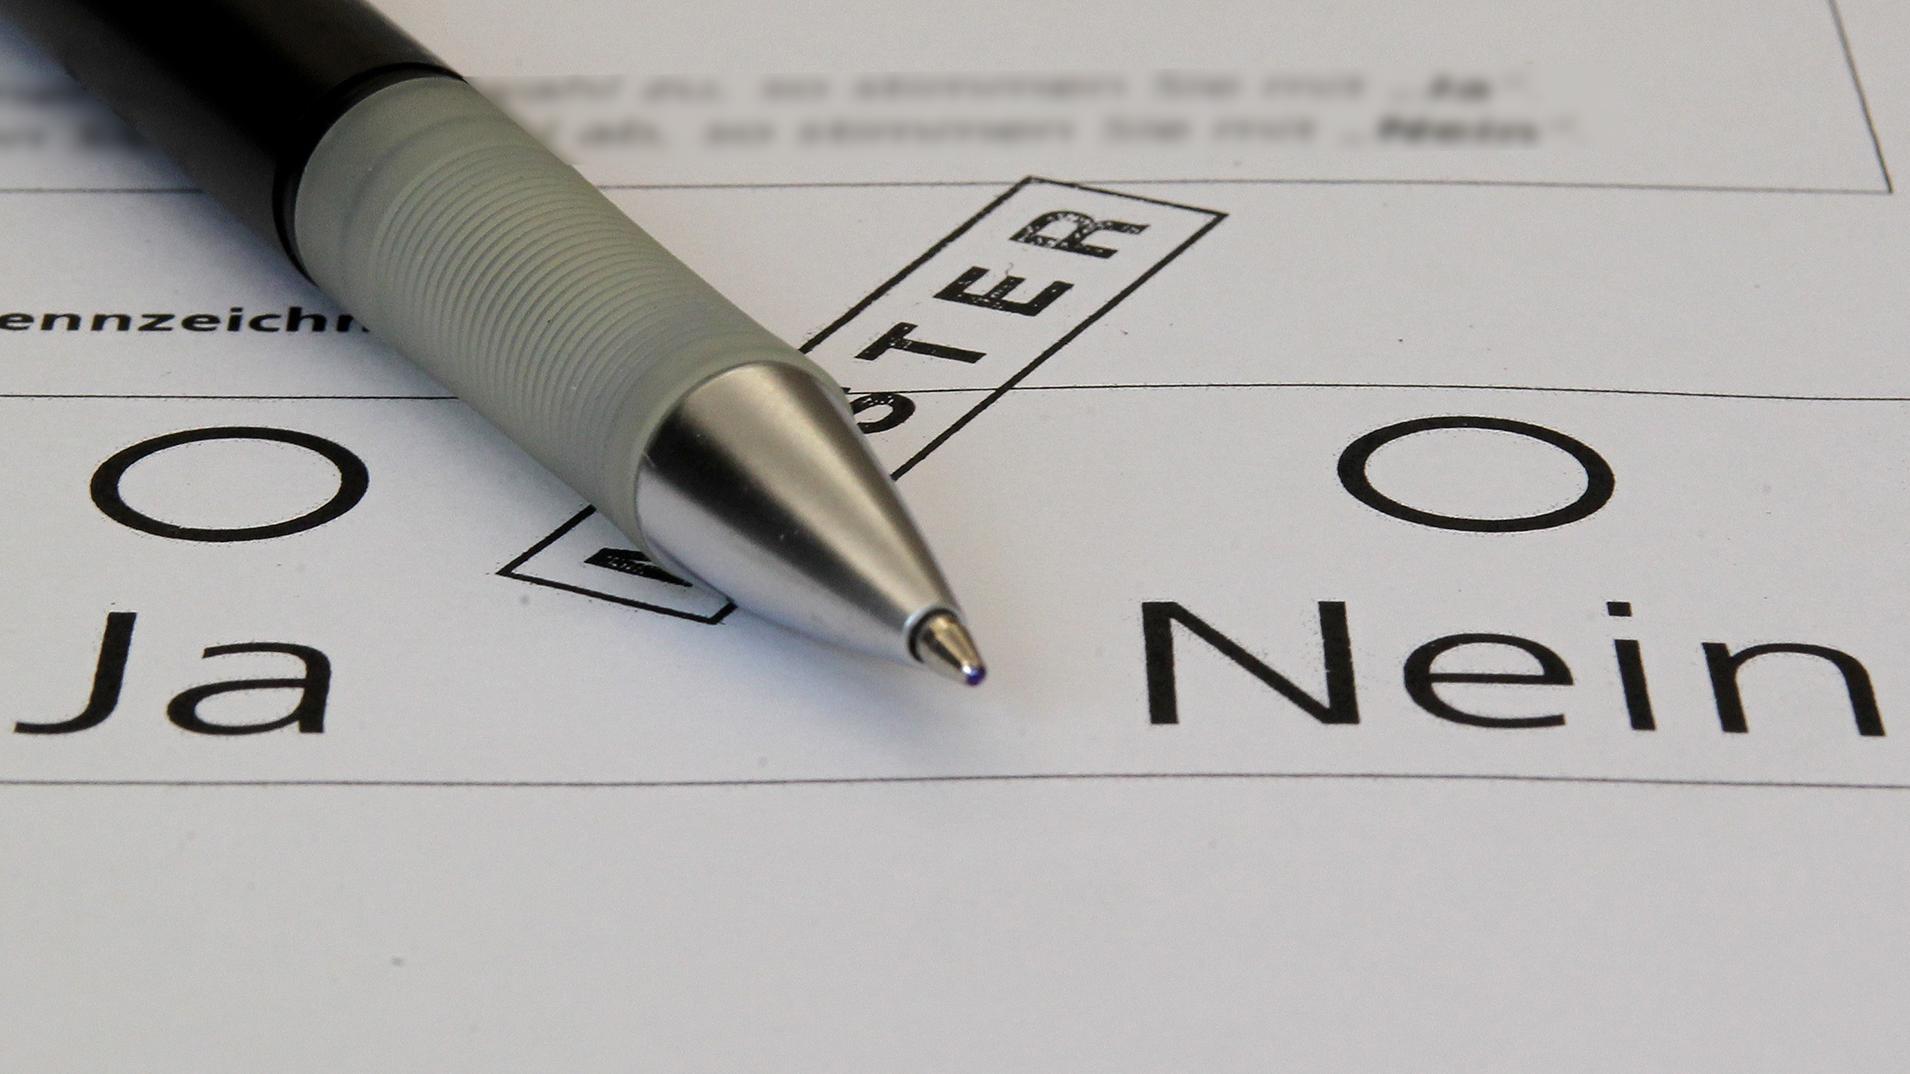 Ein Muster-Wahlzettel auf dem groß JA und NEIN zum Ankreuzen steht. In der Mitte liegt ein Kugelschreiber.